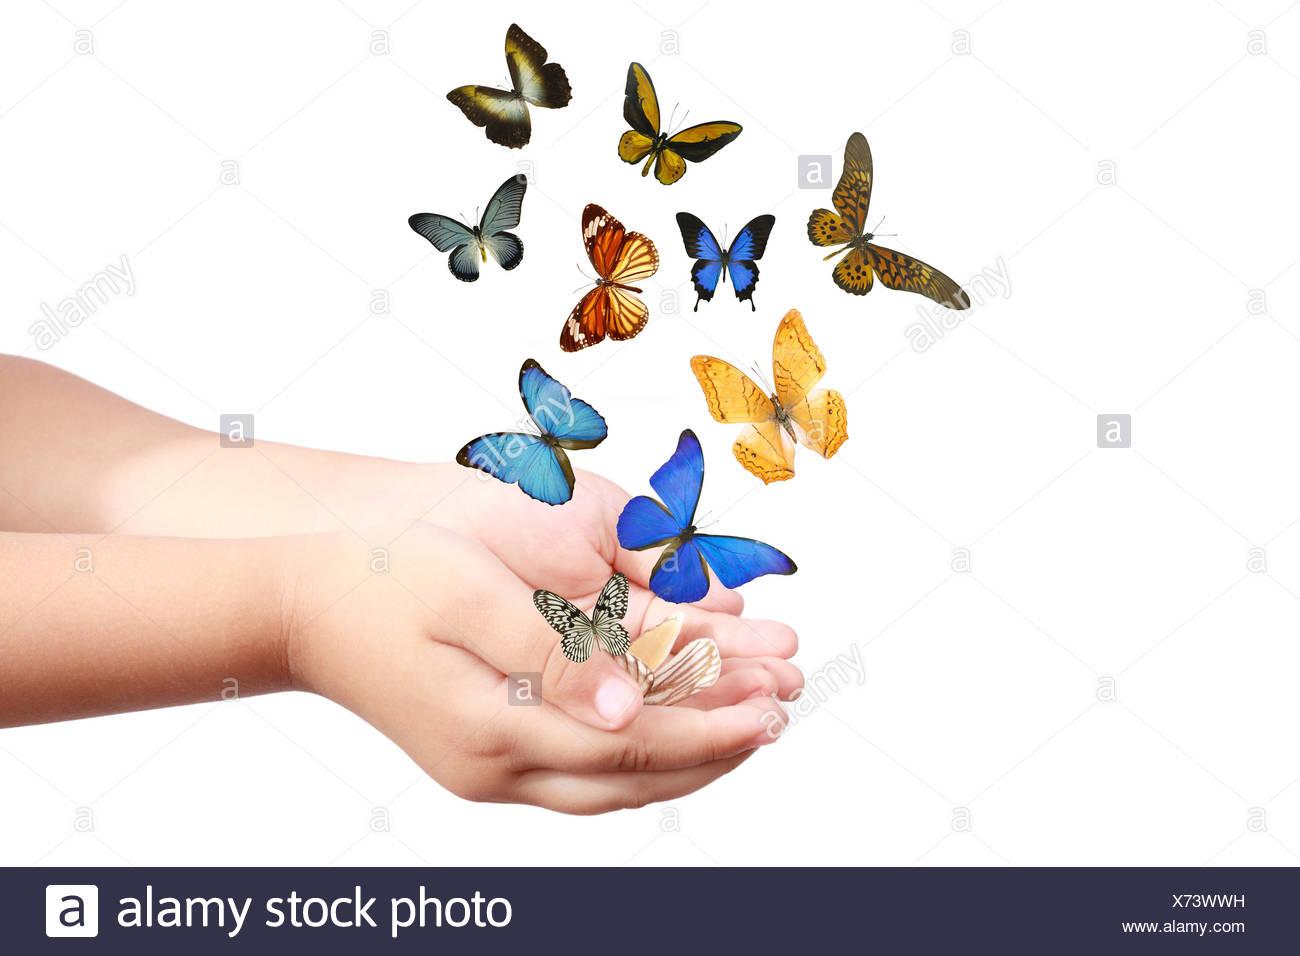 La main de l'enfant publie les papillons Photo Stock